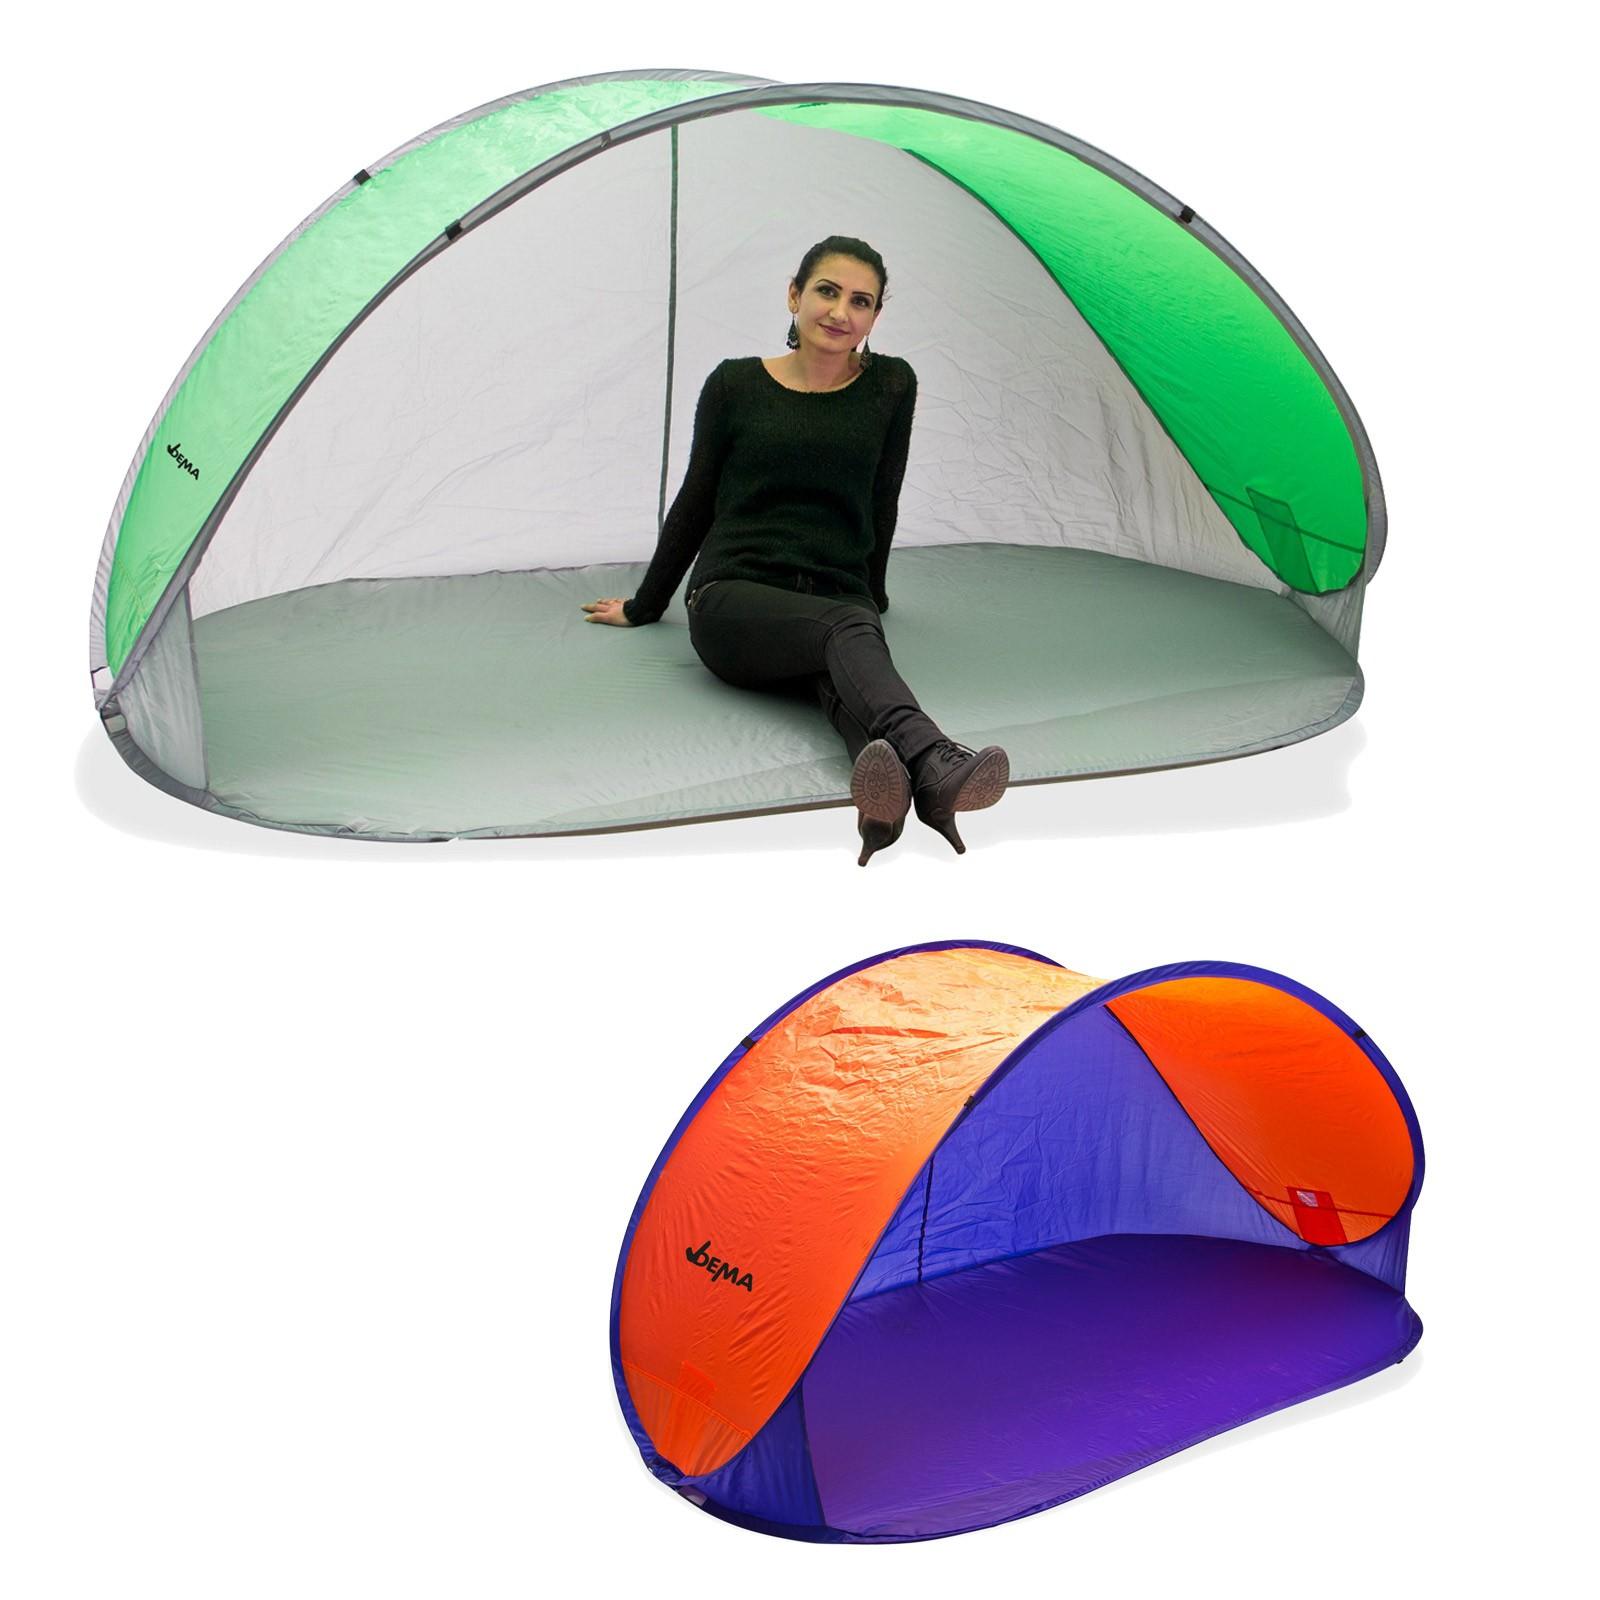 strandmuschel pop up strandzelt sonnenschutz windschutz auswahl wurfzelt ebay. Black Bedroom Furniture Sets. Home Design Ideas